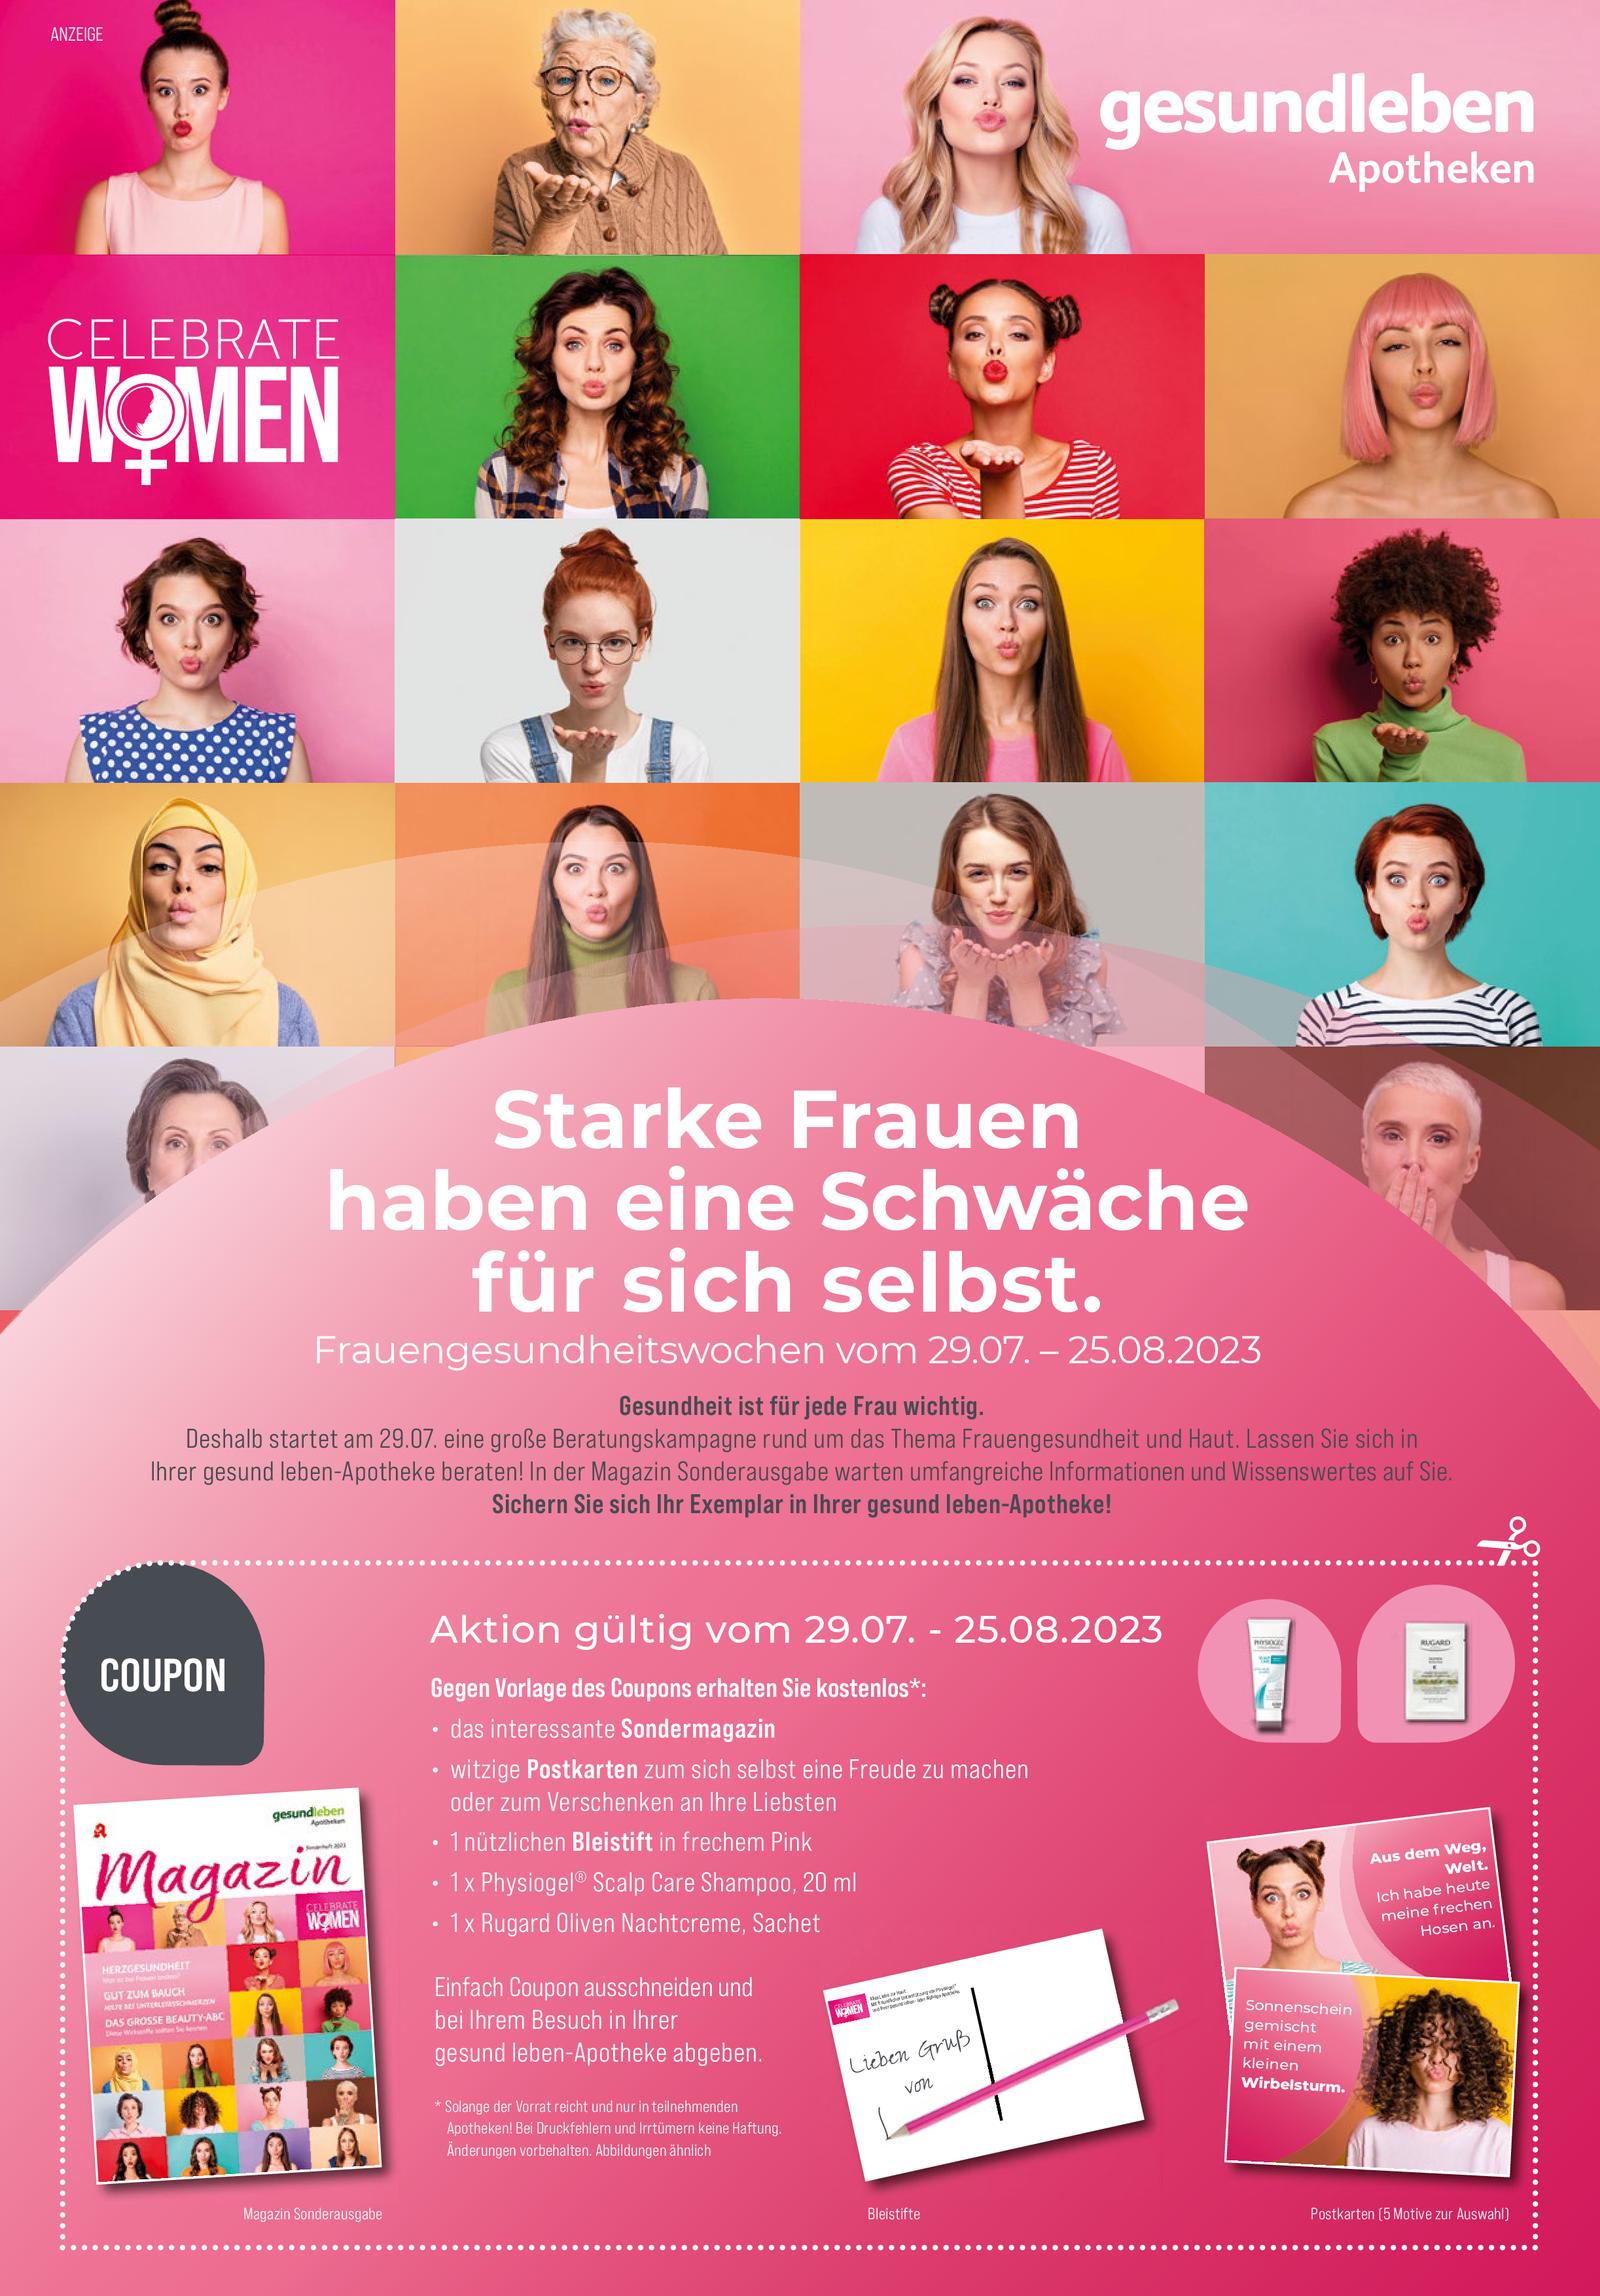 https://mein-uploads.apocdn.net/4741/leaflets/gesundleben_hoch-Seite5.png